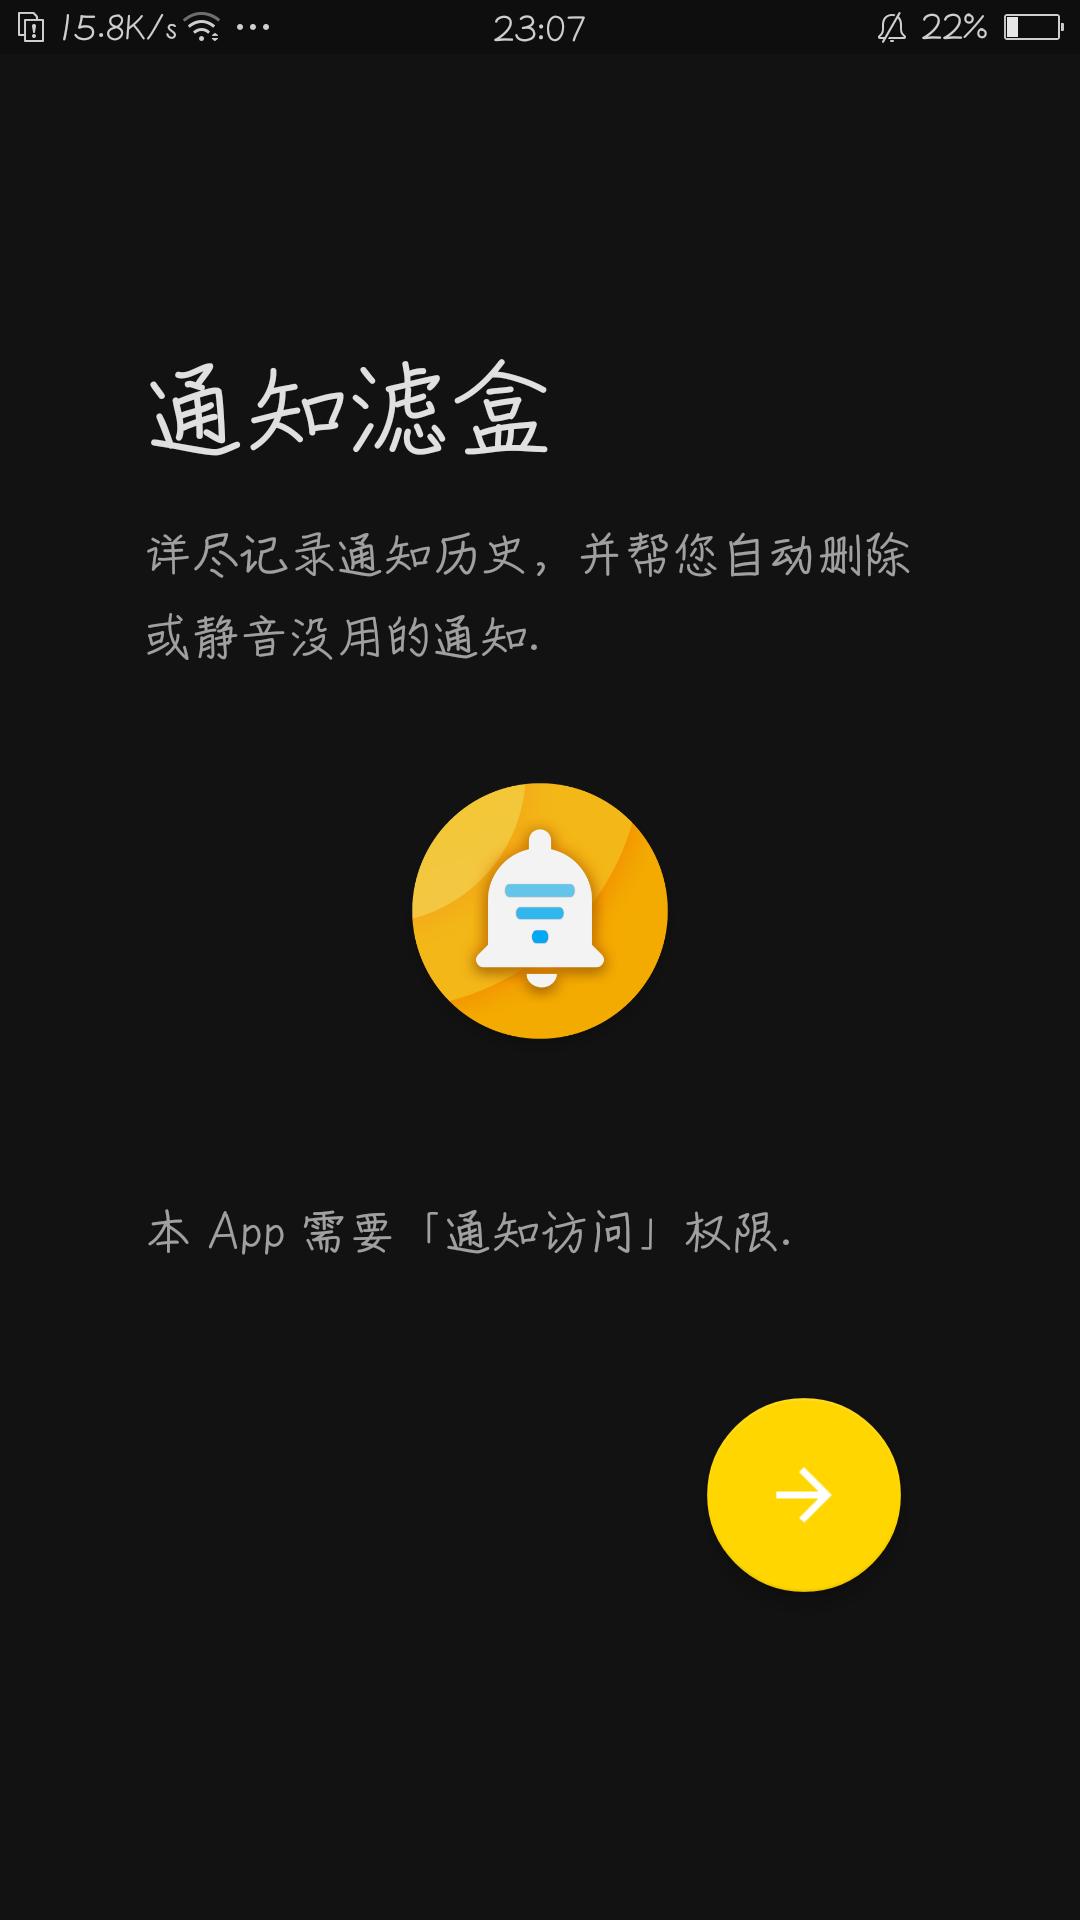 【分享】通知滤盒 - 通知管理 过滤工具(测试版) 0.0.